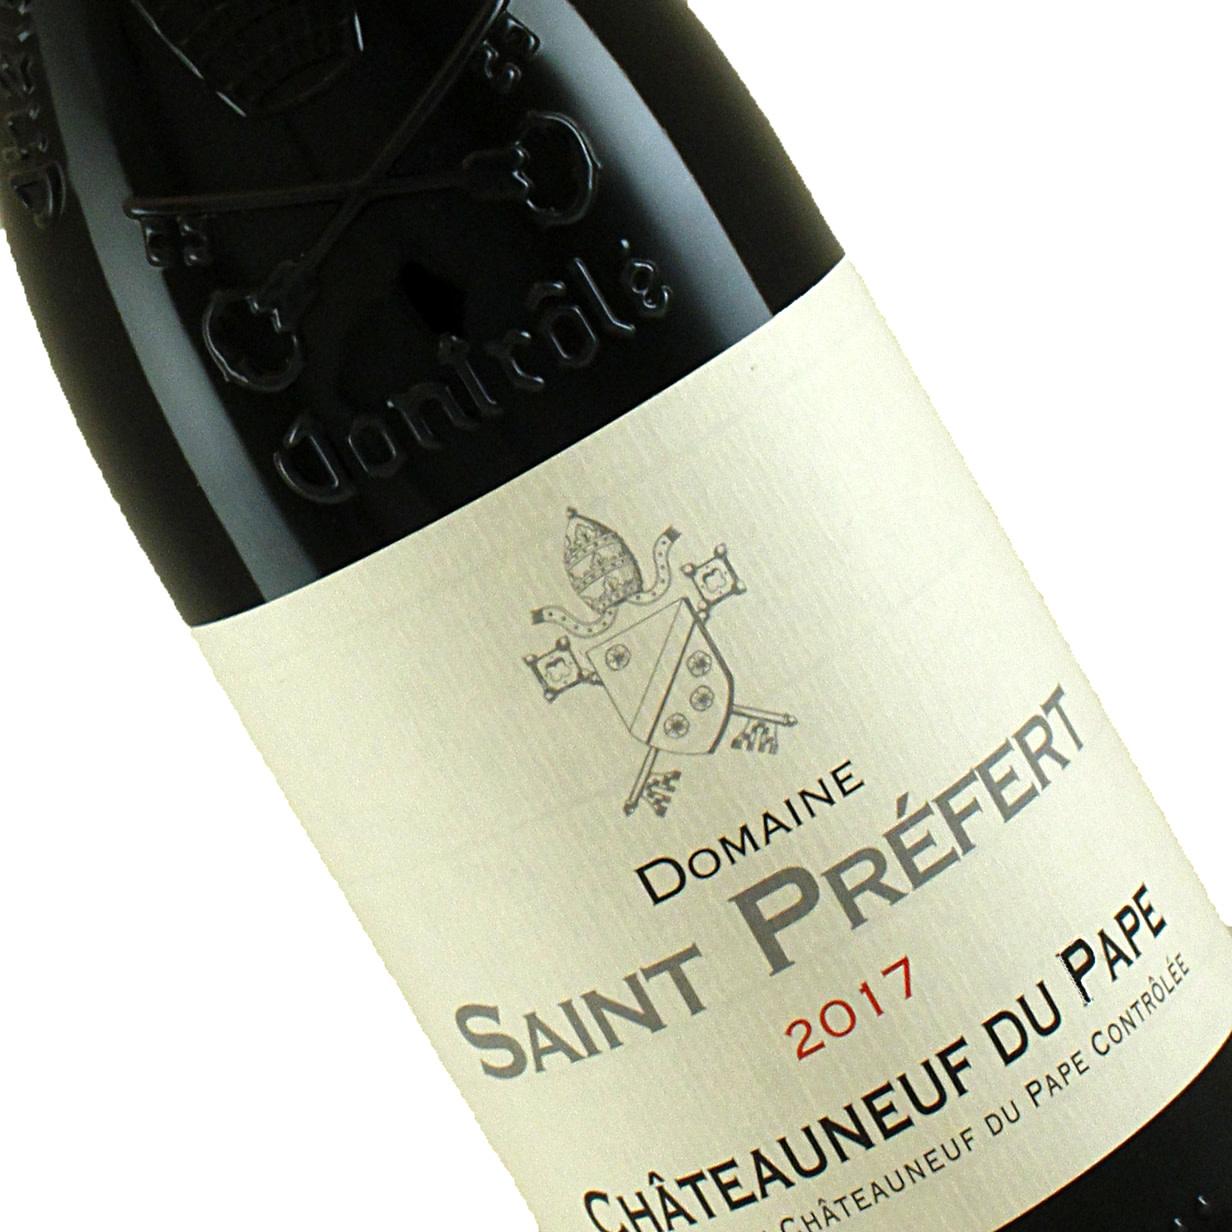 Domaine Saint Prefert 2017 Chateauneuf du Pape